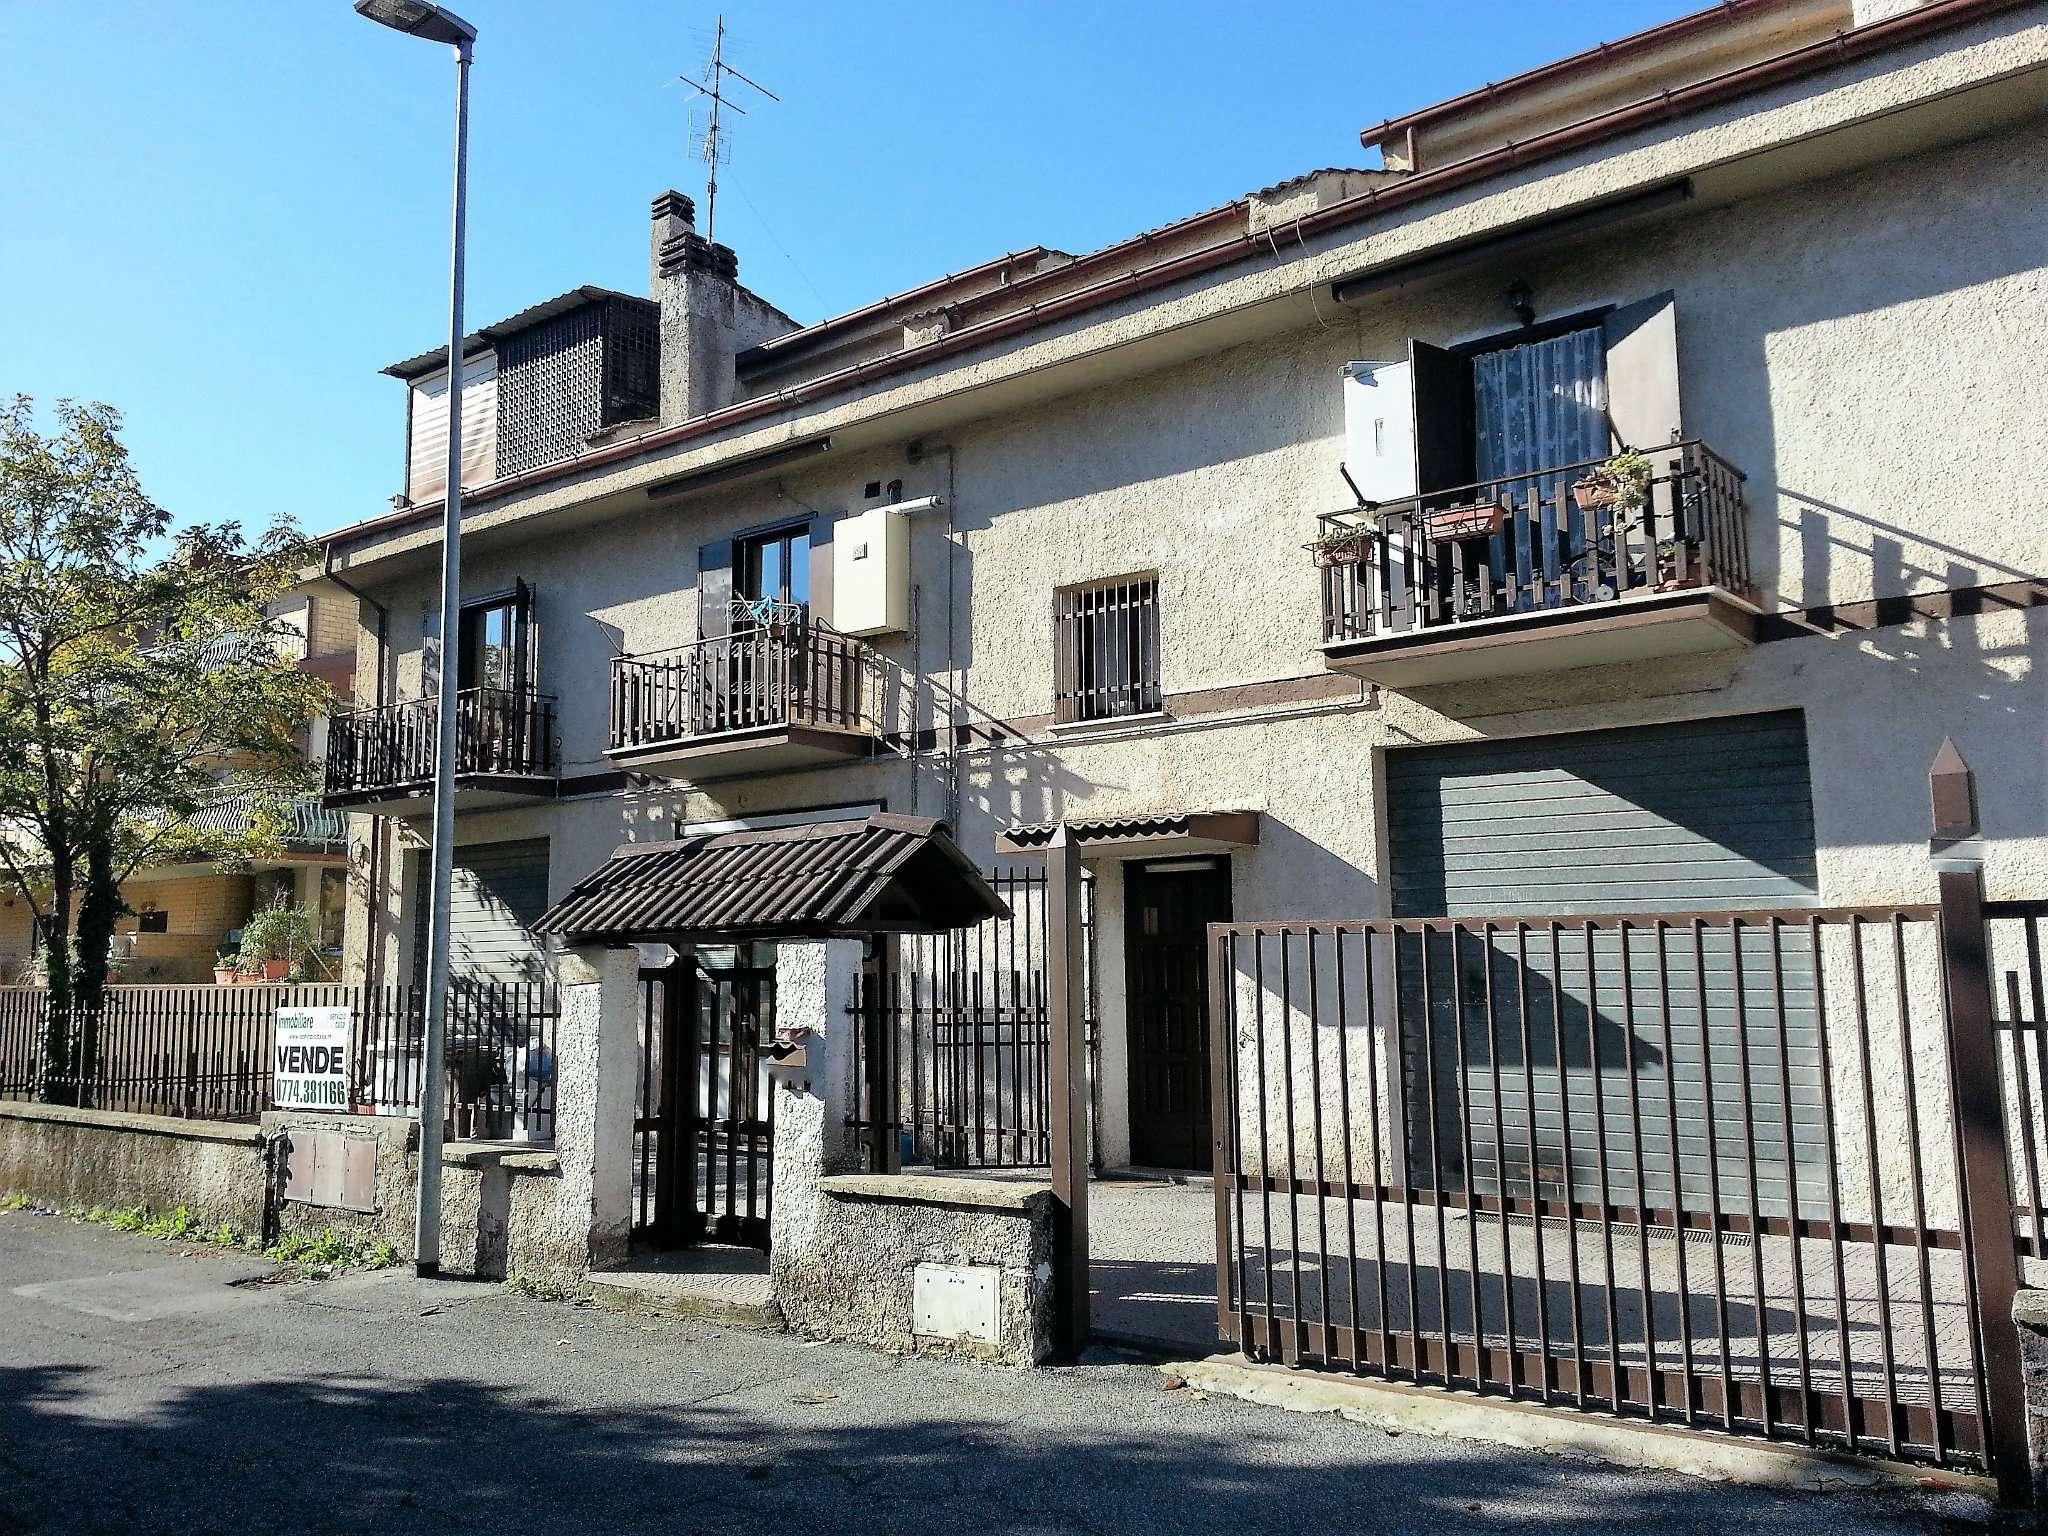 Negozio / Locale in vendita a Guidonia Montecelio, 1 locali, prezzo € 135.000 | CambioCasa.it